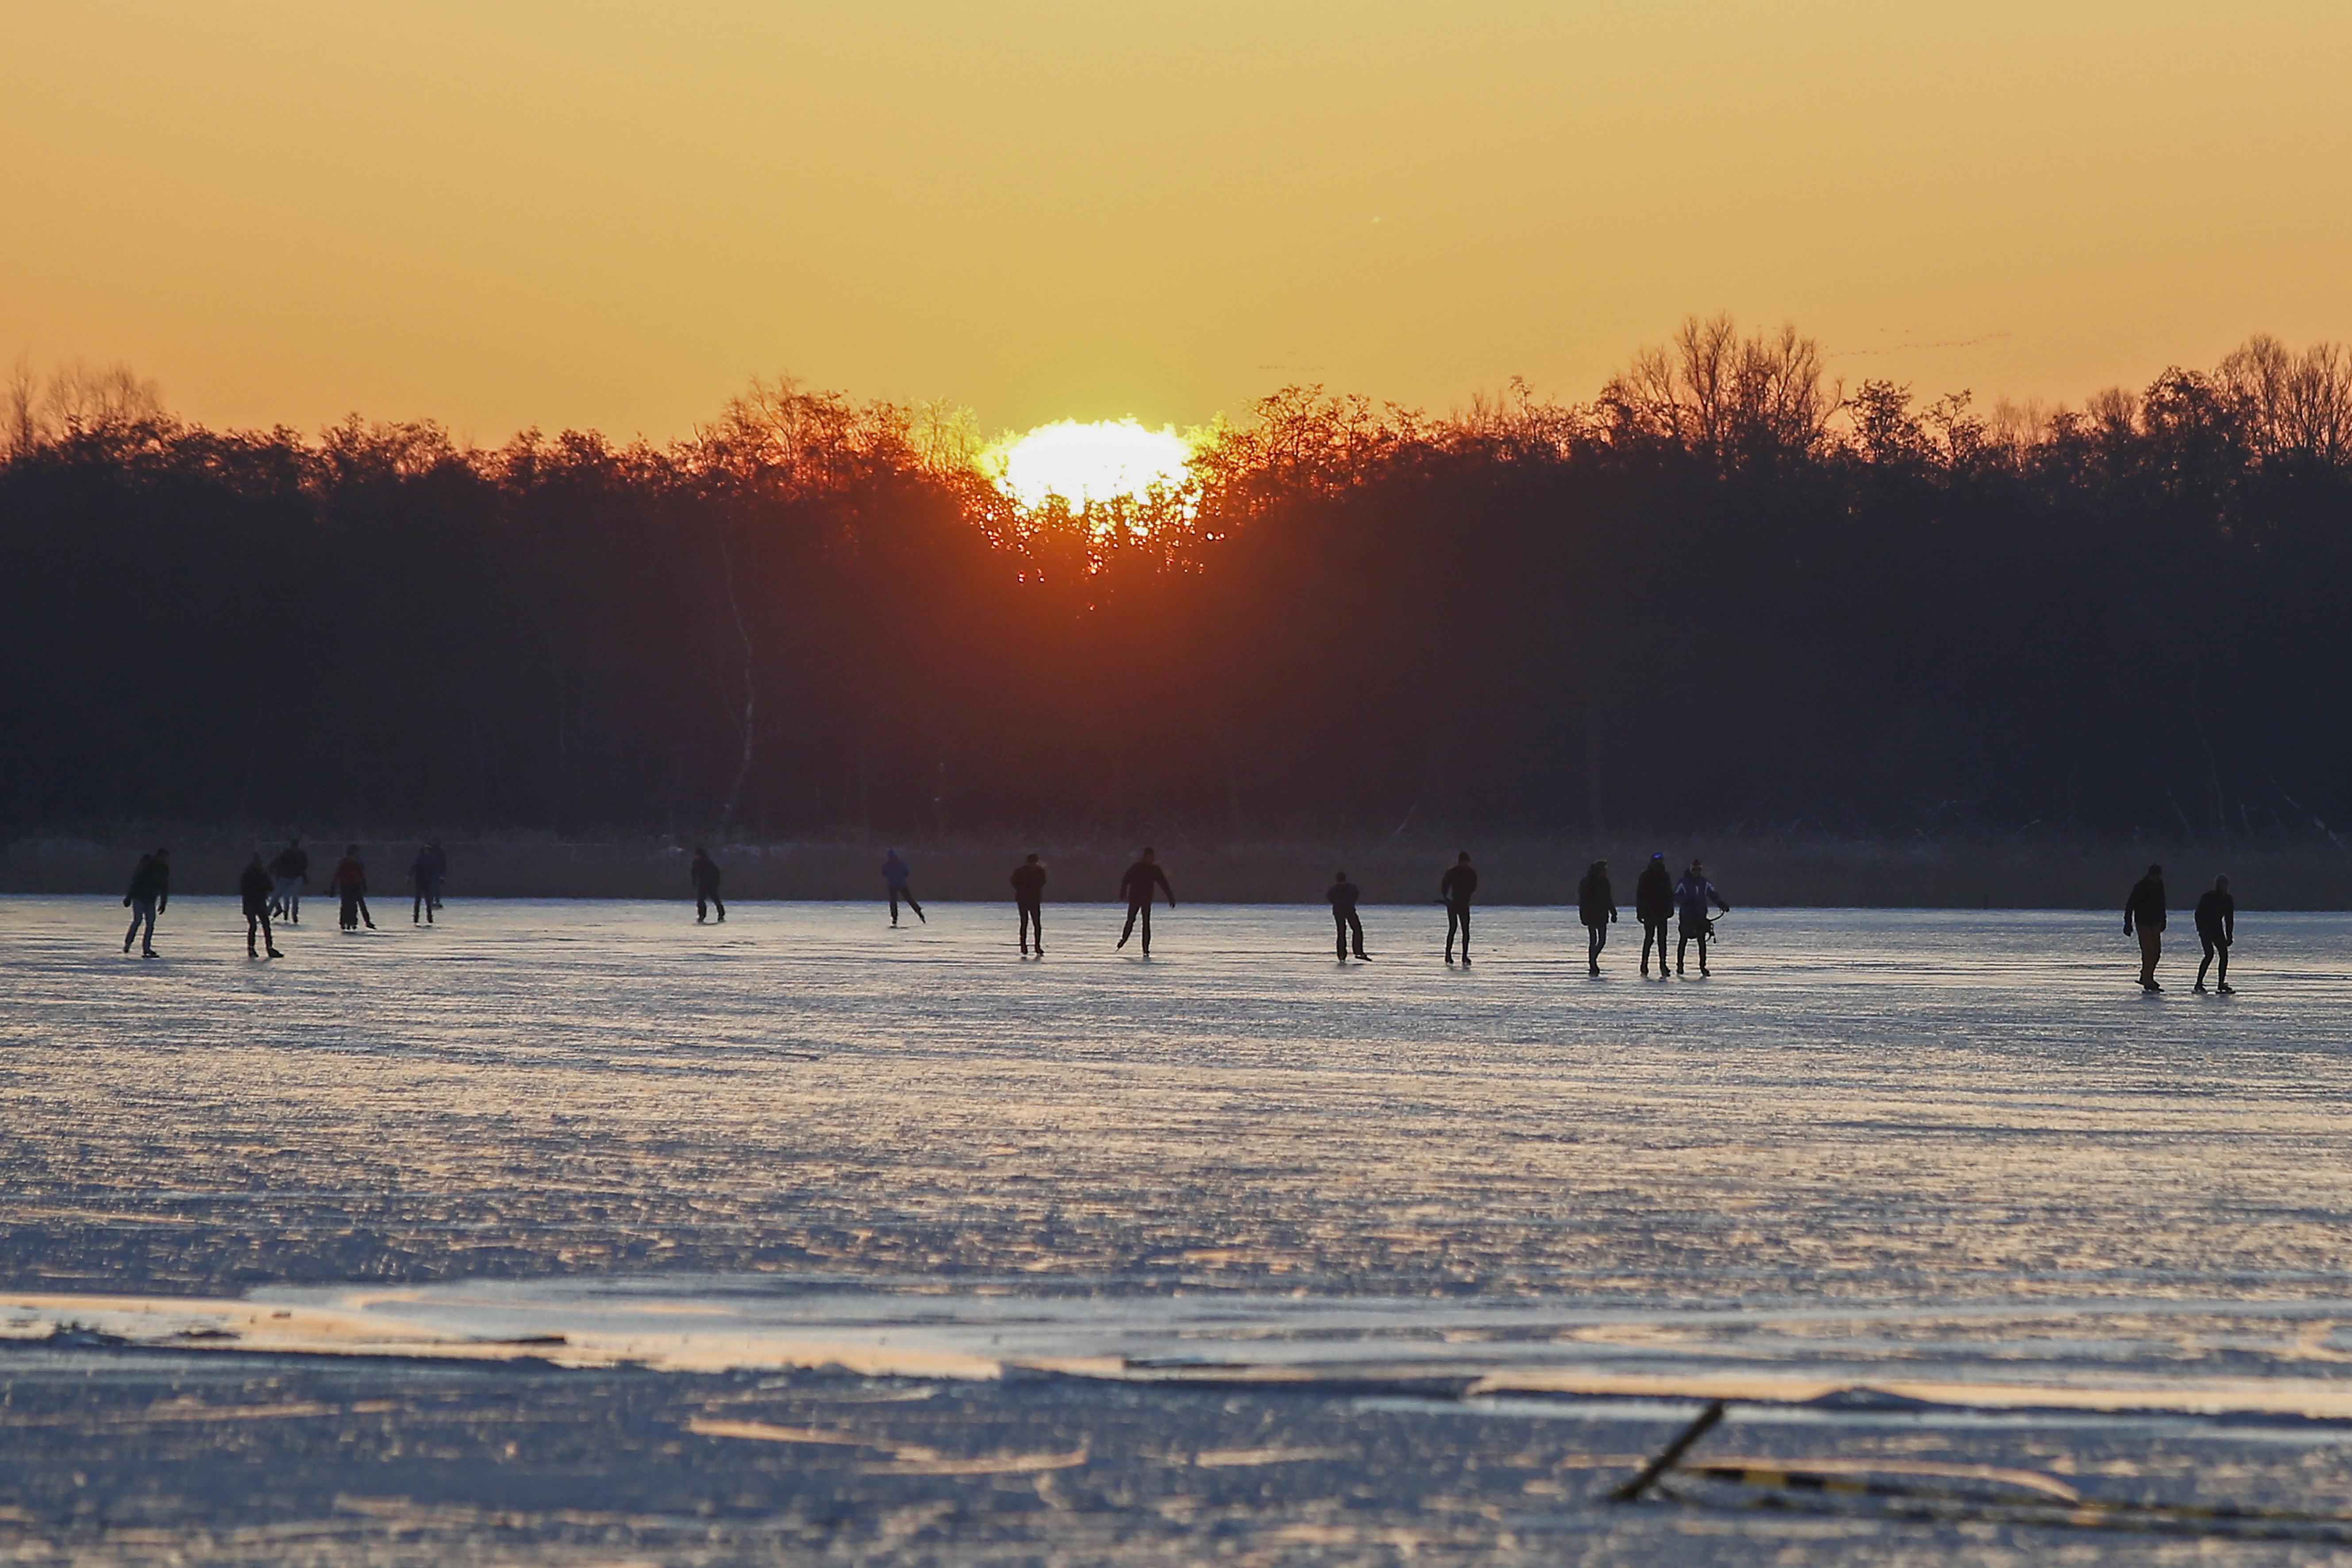 Wijdemeren verwacht zaterdag zo'n 50 duizend schaatsers, waarschuwing voor windwakken en werkijs